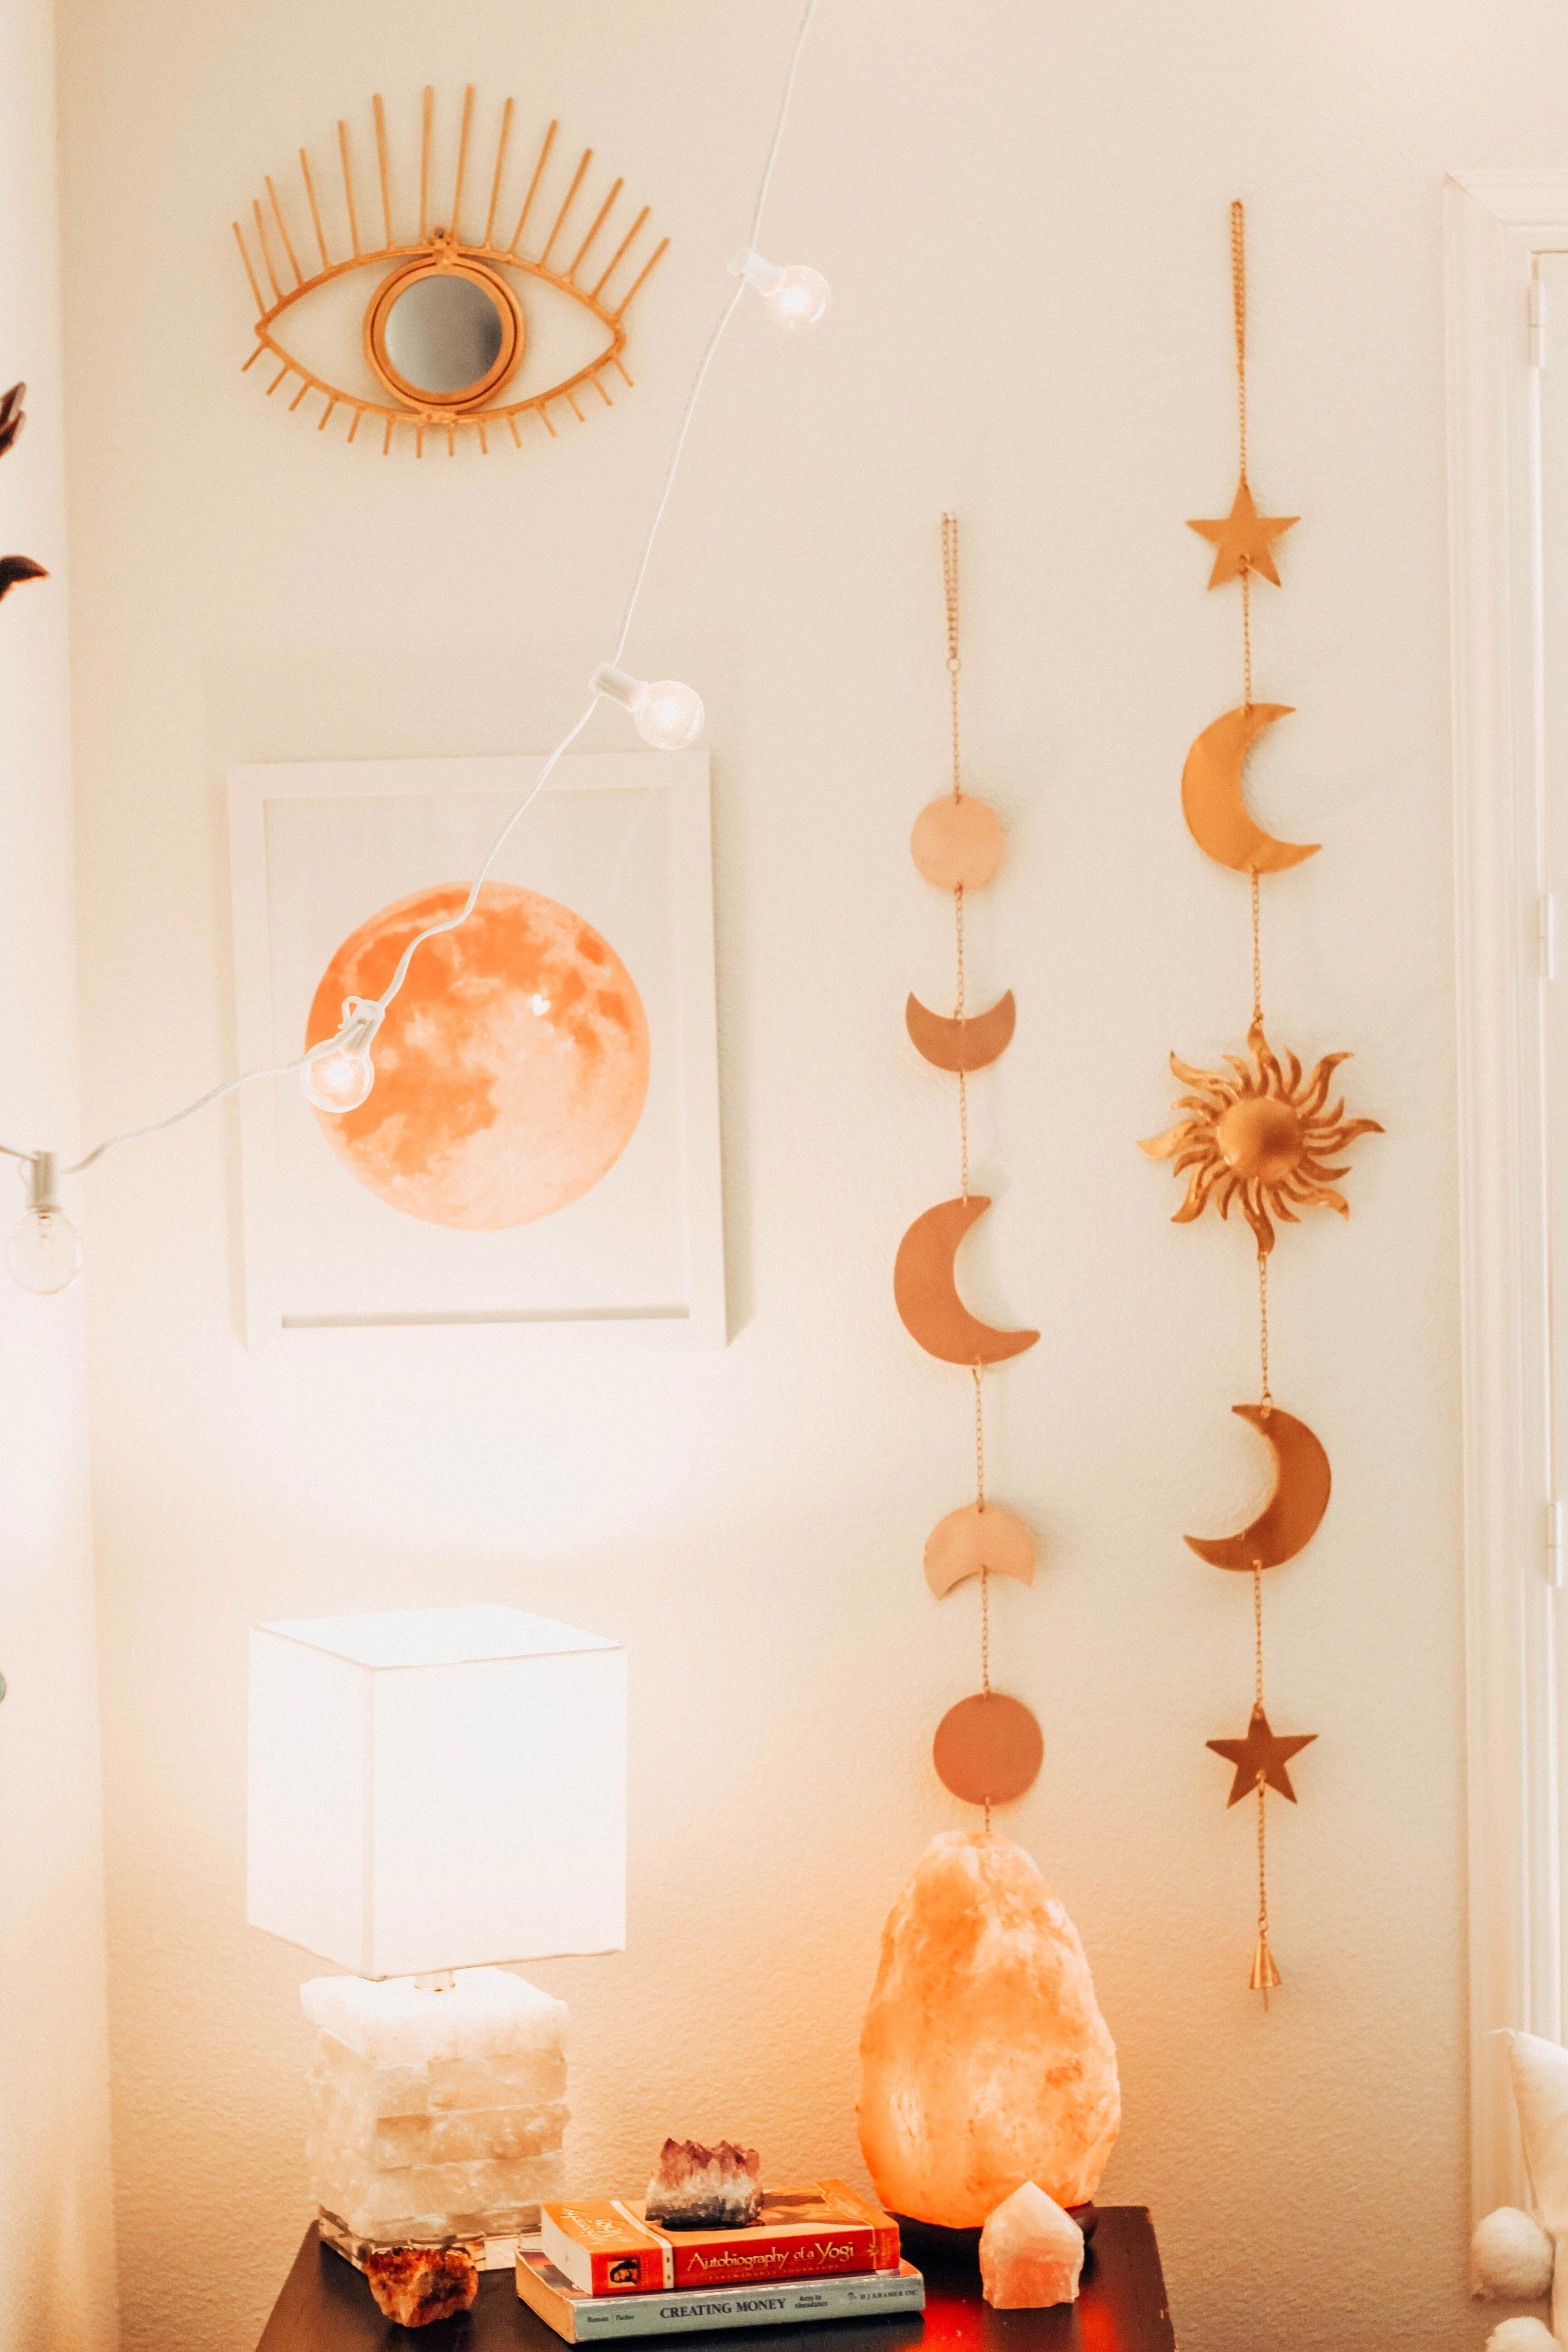 Dormitorio De Lujo De Muebles Dormitoriofrancés Decoración De La Pared Rústica Decoración Para Yoga Decoracion De Soy Luna